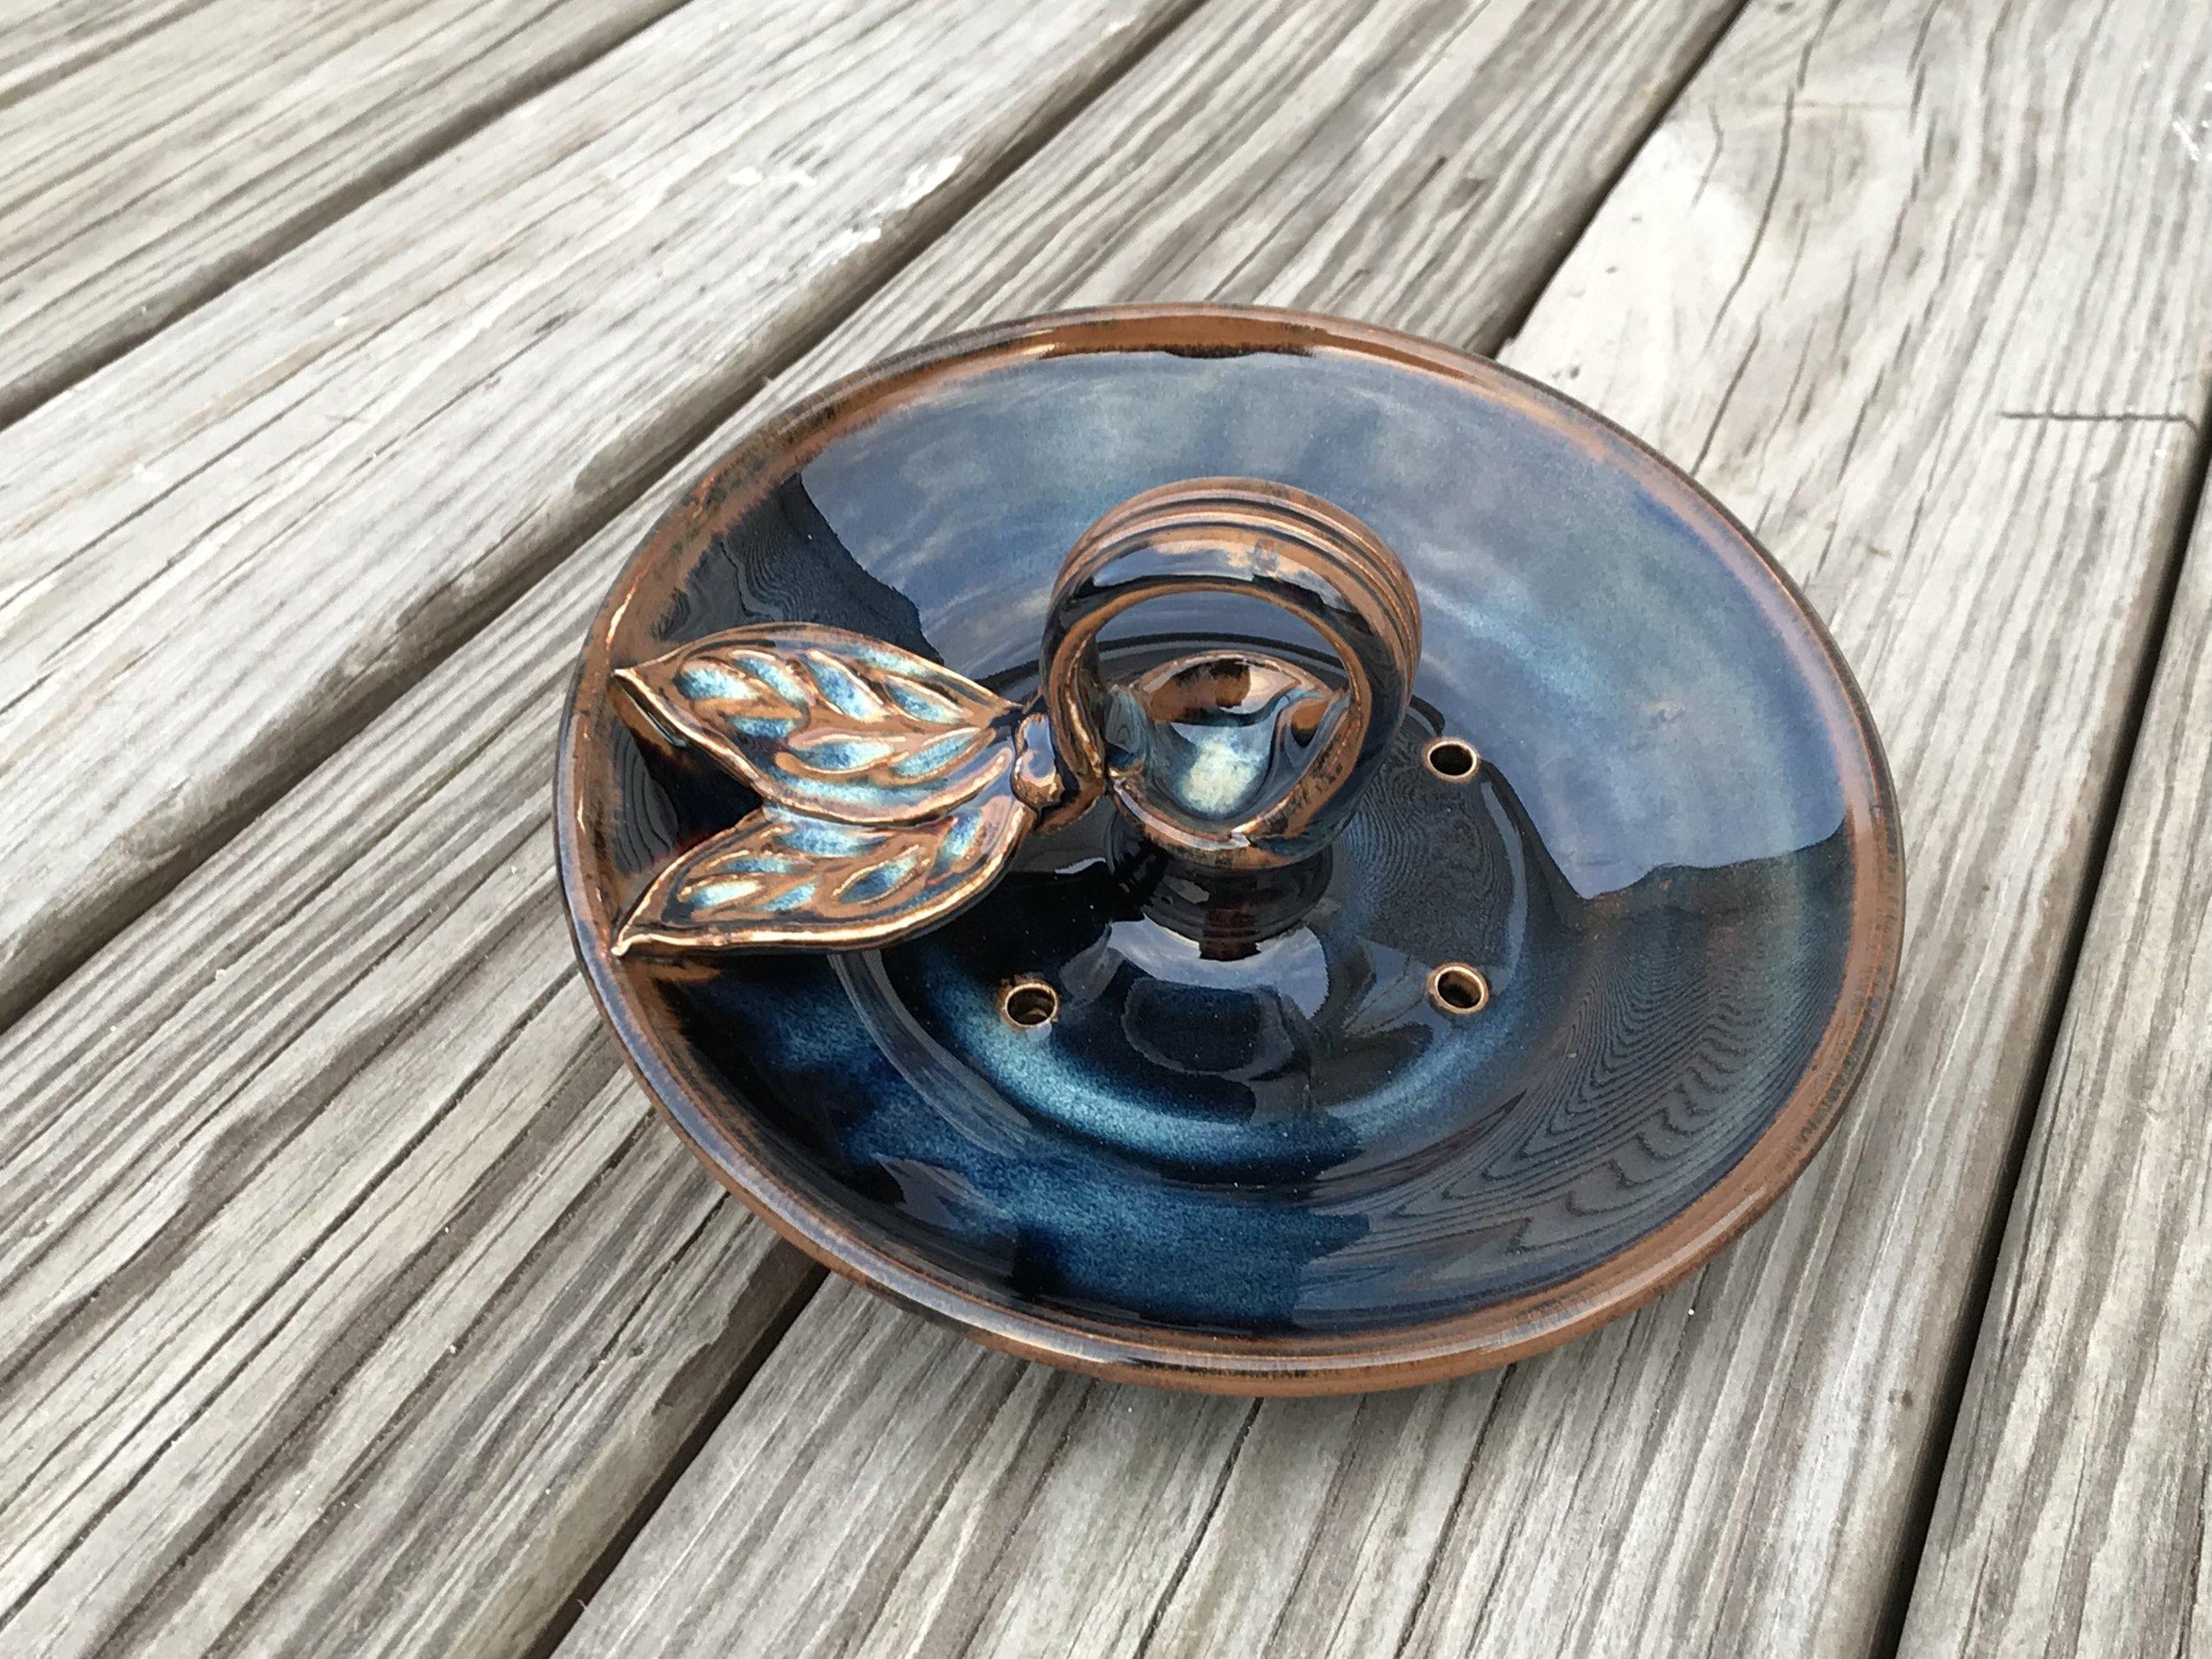 Black and Blue Dish Birdfeeder